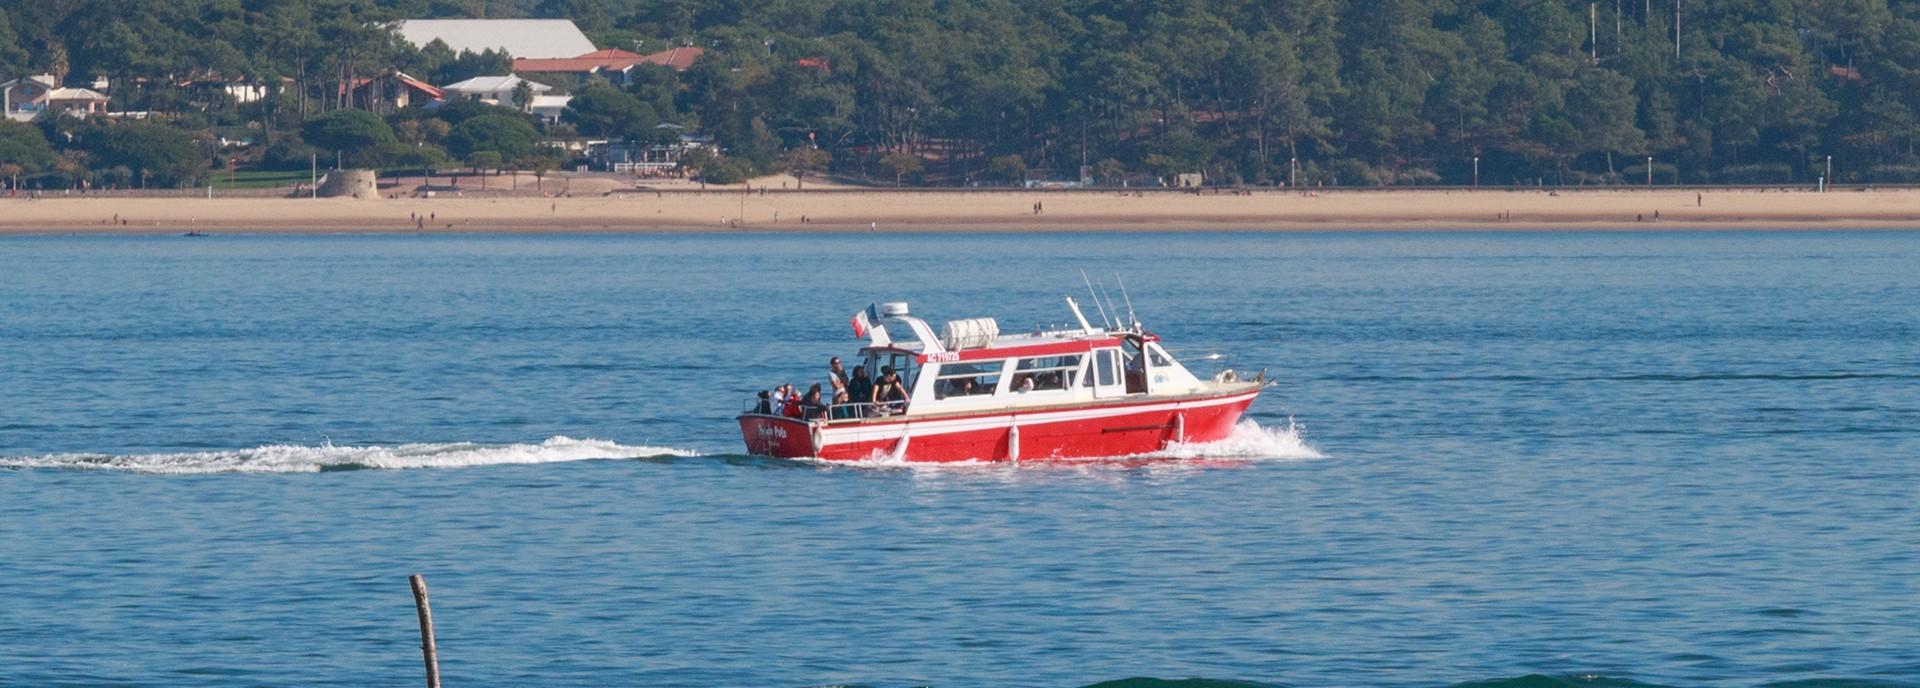 Balade en bateau à moteur à Lège Cap Ferret